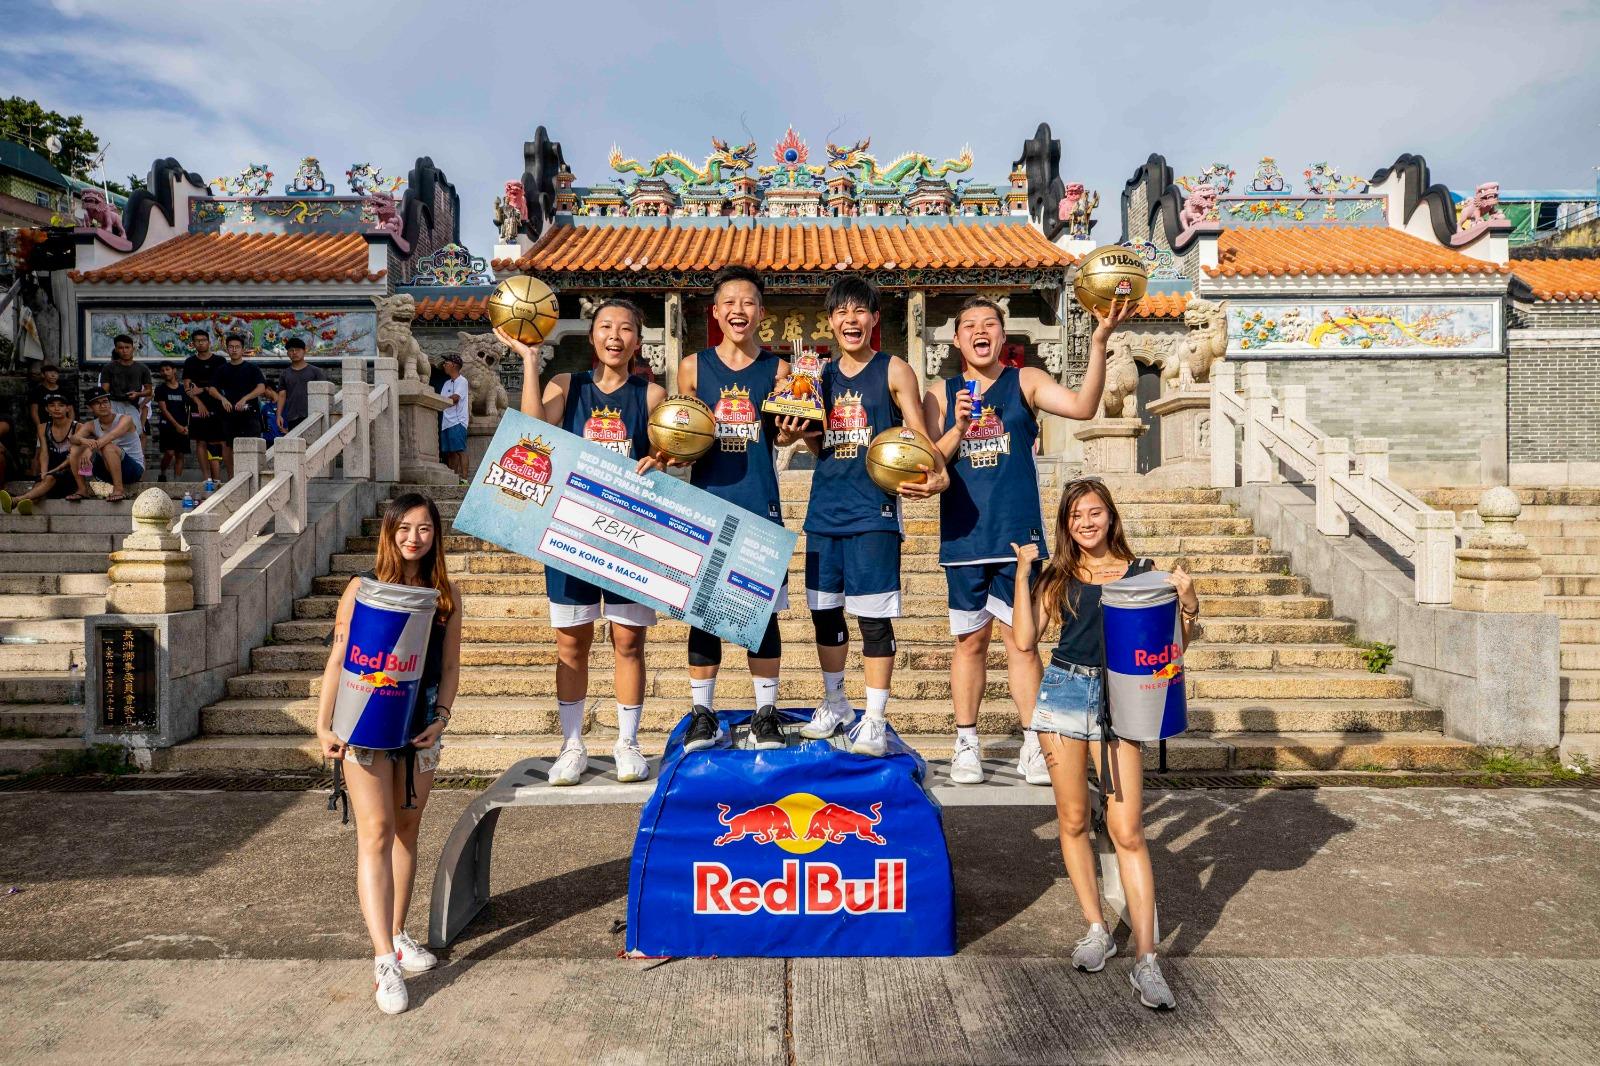 由卓婷(右三)領軍的RBHK在Red Bull Reign 三人籃球賽女子組決賽,以一分險勝對手封后。相片由公關提供